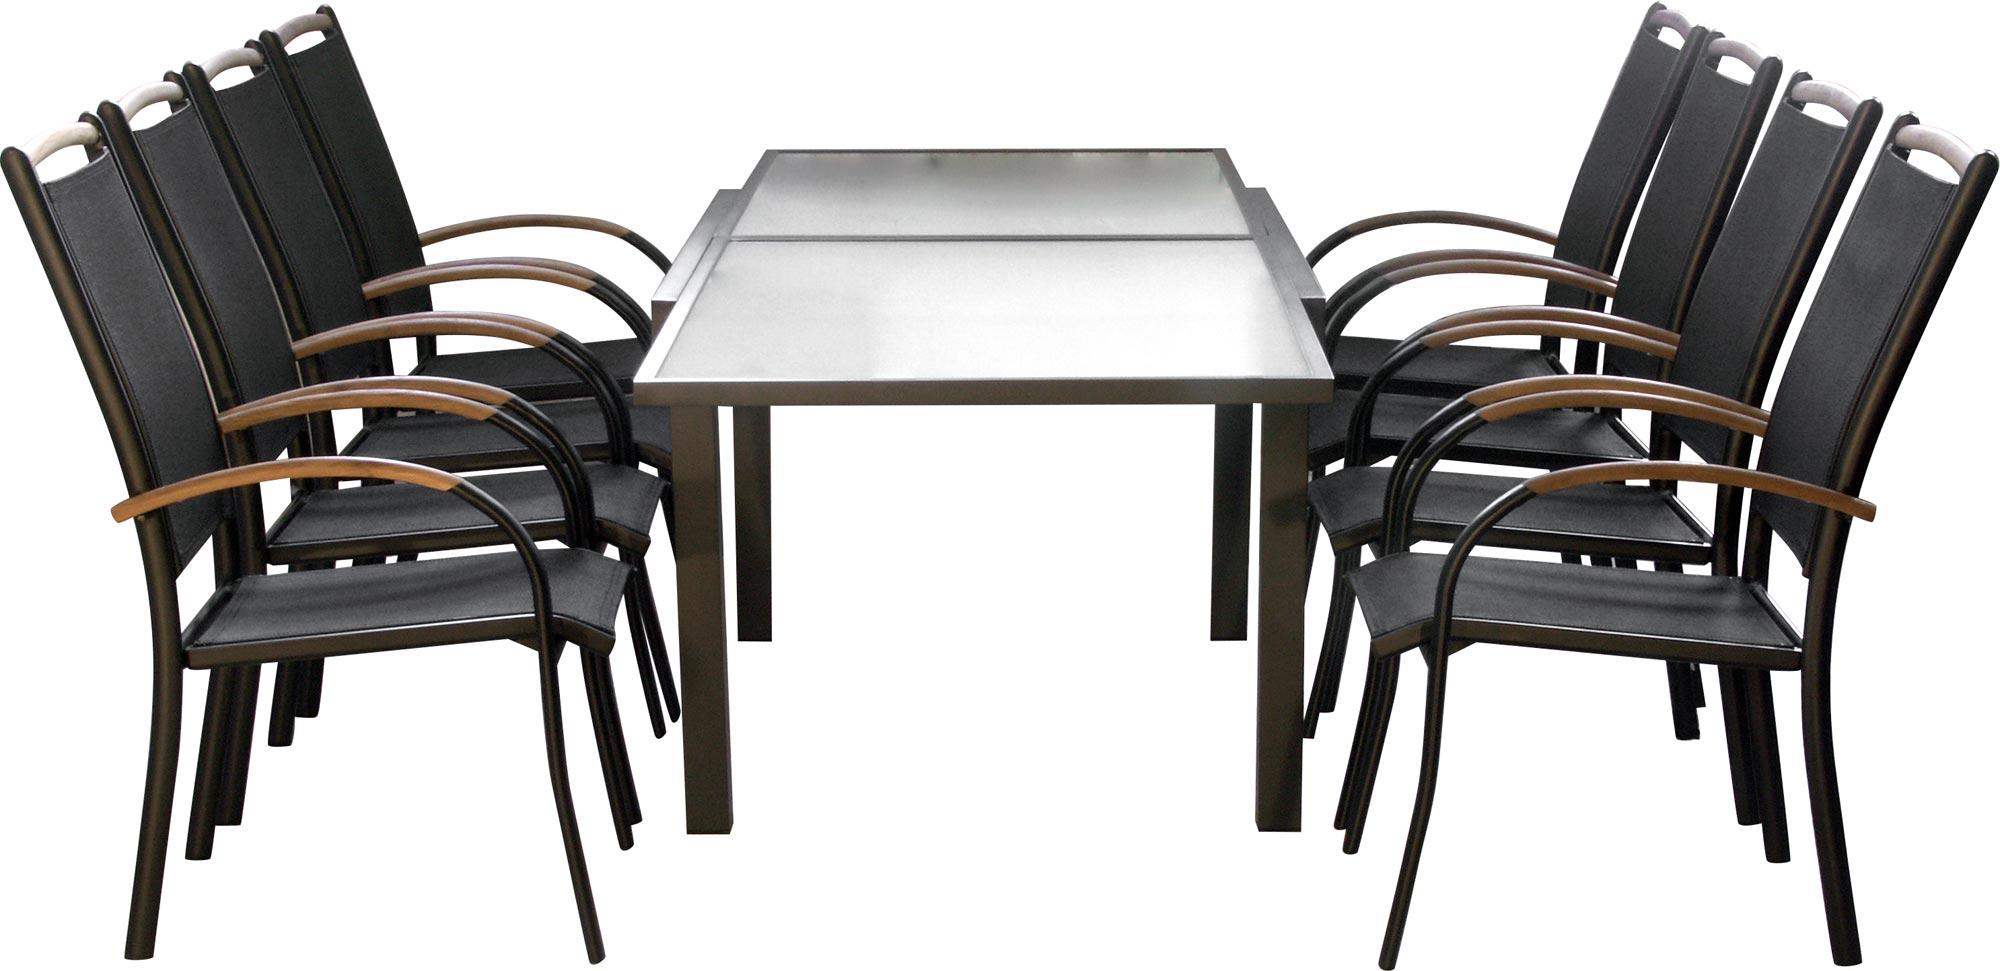 Premium set mobili da giardino diplomat xxl 9 pezzi nero - Mobili da giardino in teak ...